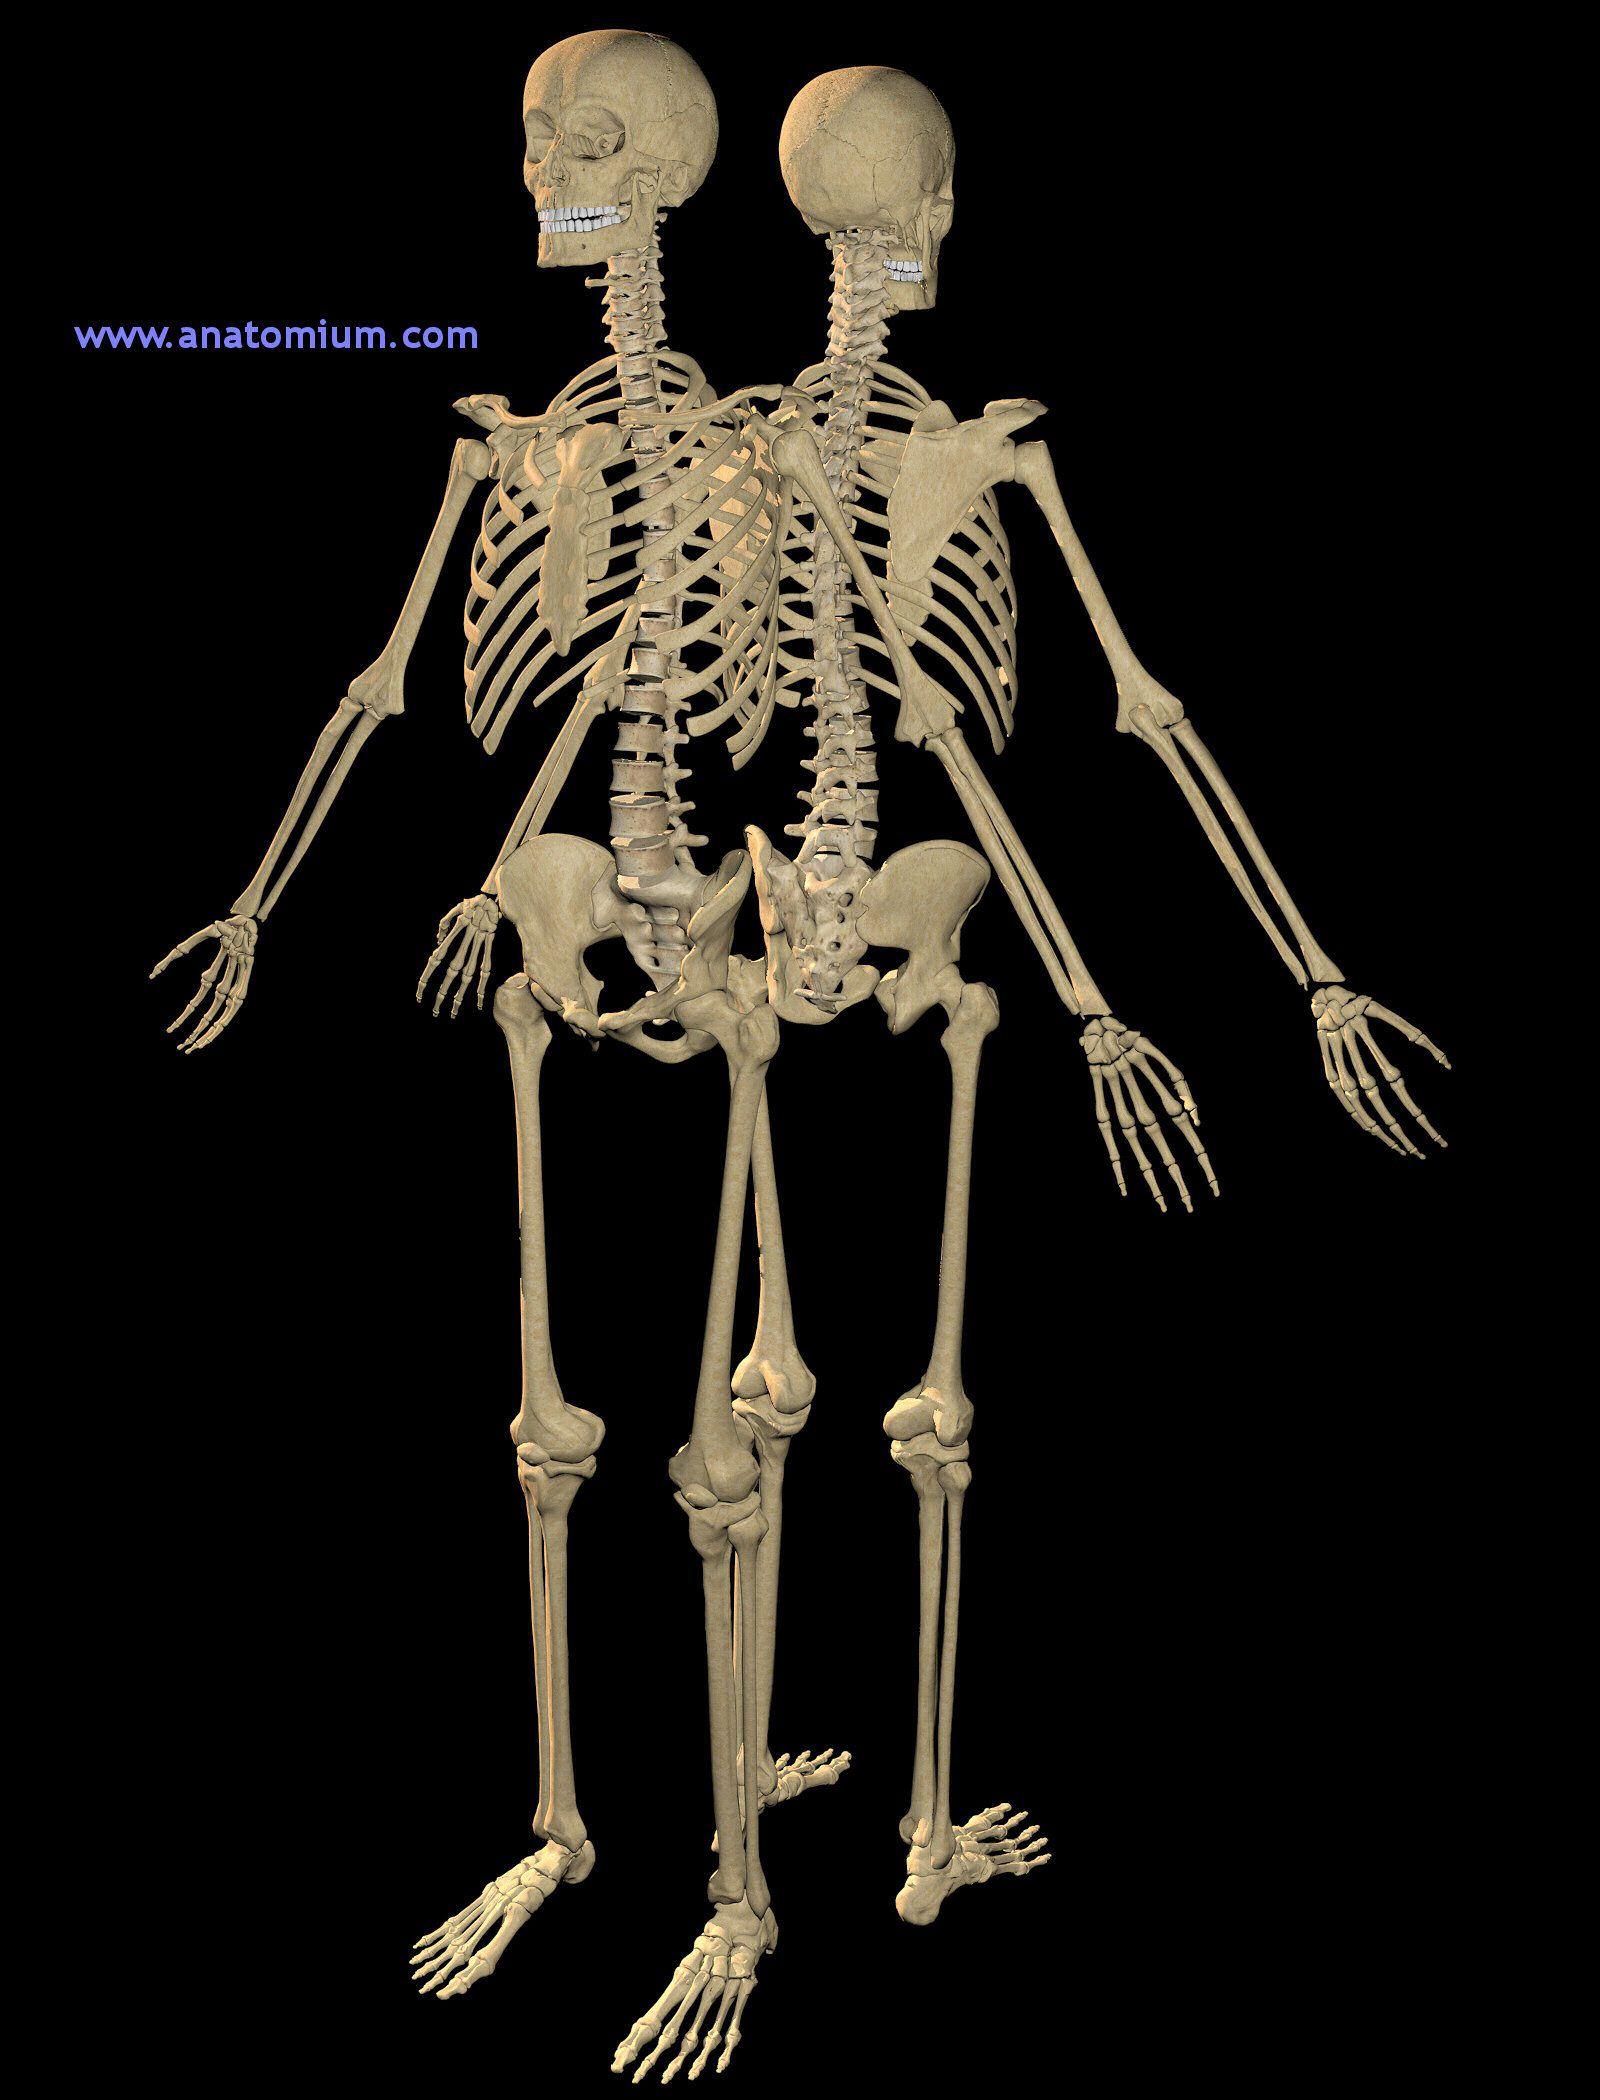 Human Skeleton Human Skeleton 3d Art Human Skeleton 3d 3d